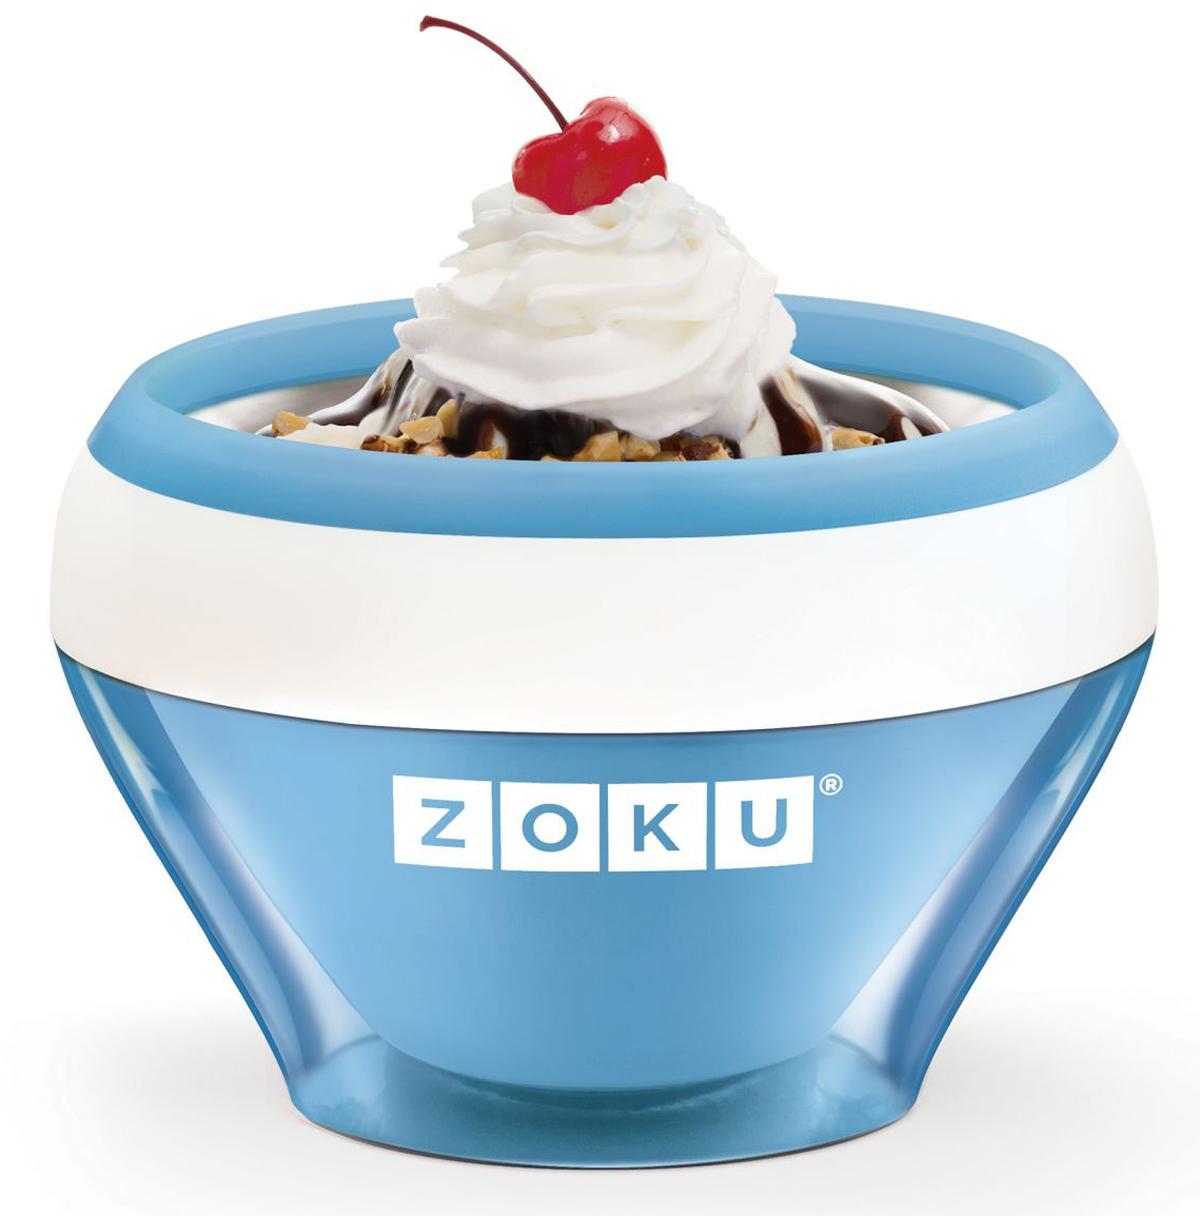 Мороженица Zoku Ice Cream Maker, цвет: синий, 150 мл. ZK120-BLZK120-BLС помощью компактного Zoku Ice Cream Maker вы сможете быстро и без усилий приготовить натуральные домашние десерты: мороженое, сорбет, щербет, замороженный йогурт, заварной крем и прочие лакомства. Почувствуйте себя настоящим профессионалом – создавайте вкусные и полезные десерты на основе натуральных ингредиентов. Комбинируйте вкусовые добавки и украшайте готовое мороженое фруктами, сладкими или пряными присыпками, орехами и шоколадом. Как использовать: 1. Поместите внутреннюю пустую форму в морозильную камеру на двенадцать и более часов. Форма должна быть абсолютно сухой и располагаться вертикально.2. Через двенадцать часов верните её во внешний корпус и наполните желаемыми продуктами. Все ингредиенты должны быть охлажденными.3. Сразу начинайте перемешивать массу с помощью специальной ложки. Не давайте краям примерзнуть к форме. Через 7-10 минут ваш десерт готов. Для получения твердого мороженого поместите форму в морозильную камеру на дополнительные 10-15 минут. Объем - 150 мл. Не содержит вредных примесей и бисфенола-А. Не подходит для использования в микроволновой печи. Моется вручную.